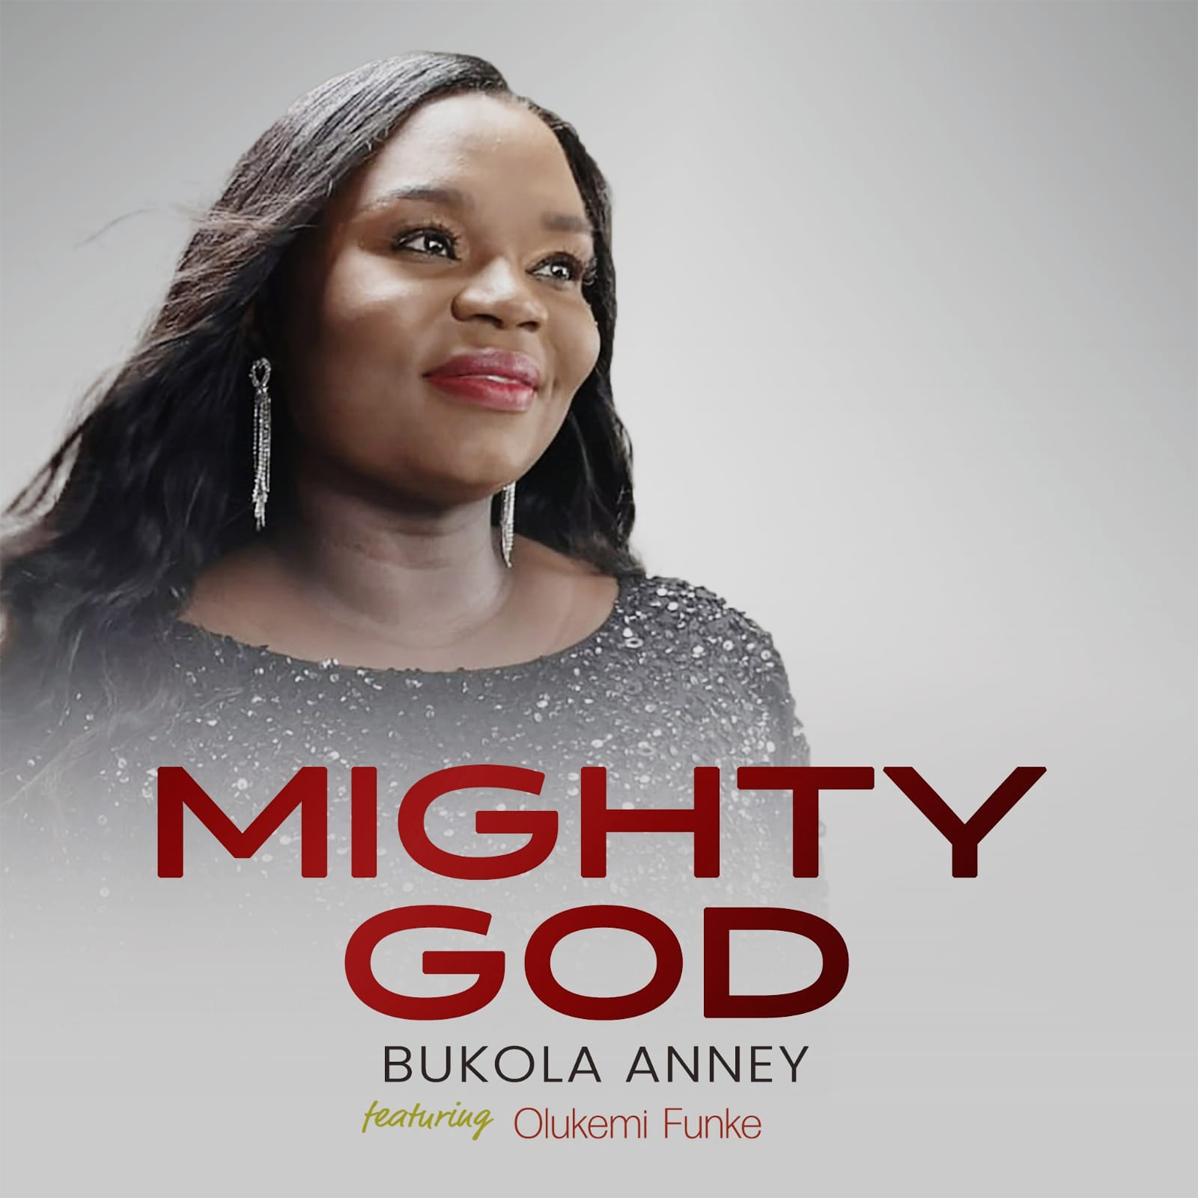 MIGHTY GOD BY BUKOLA ANNEY FEAT. OLUKEMI FUNKE